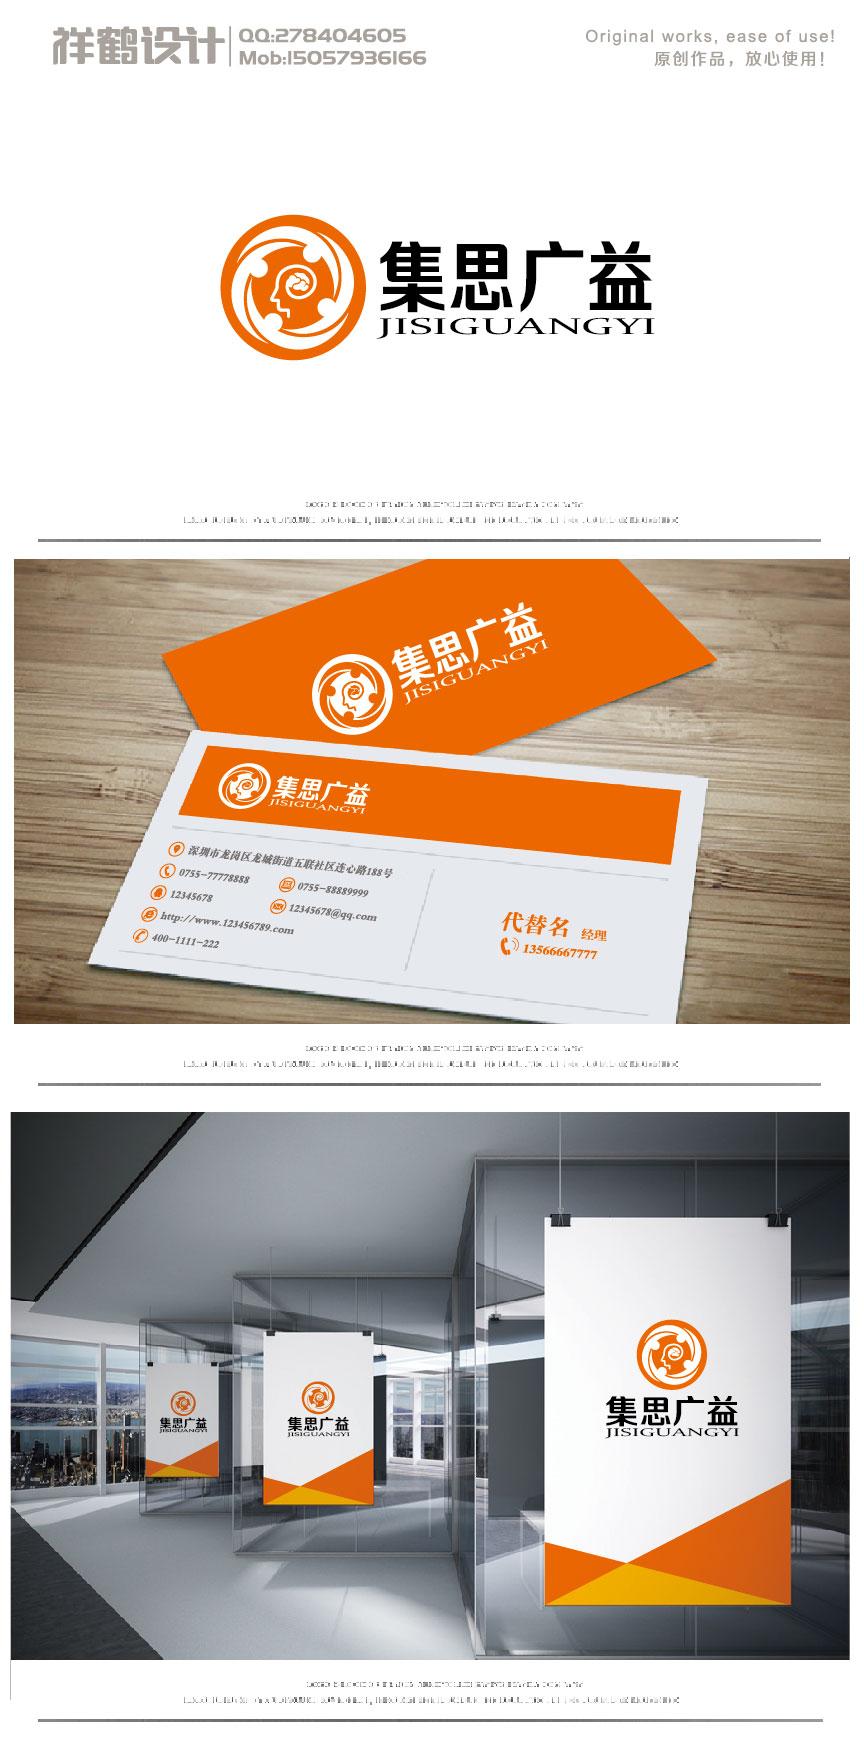 集思广益 logo 征集_2966169_k68威客网